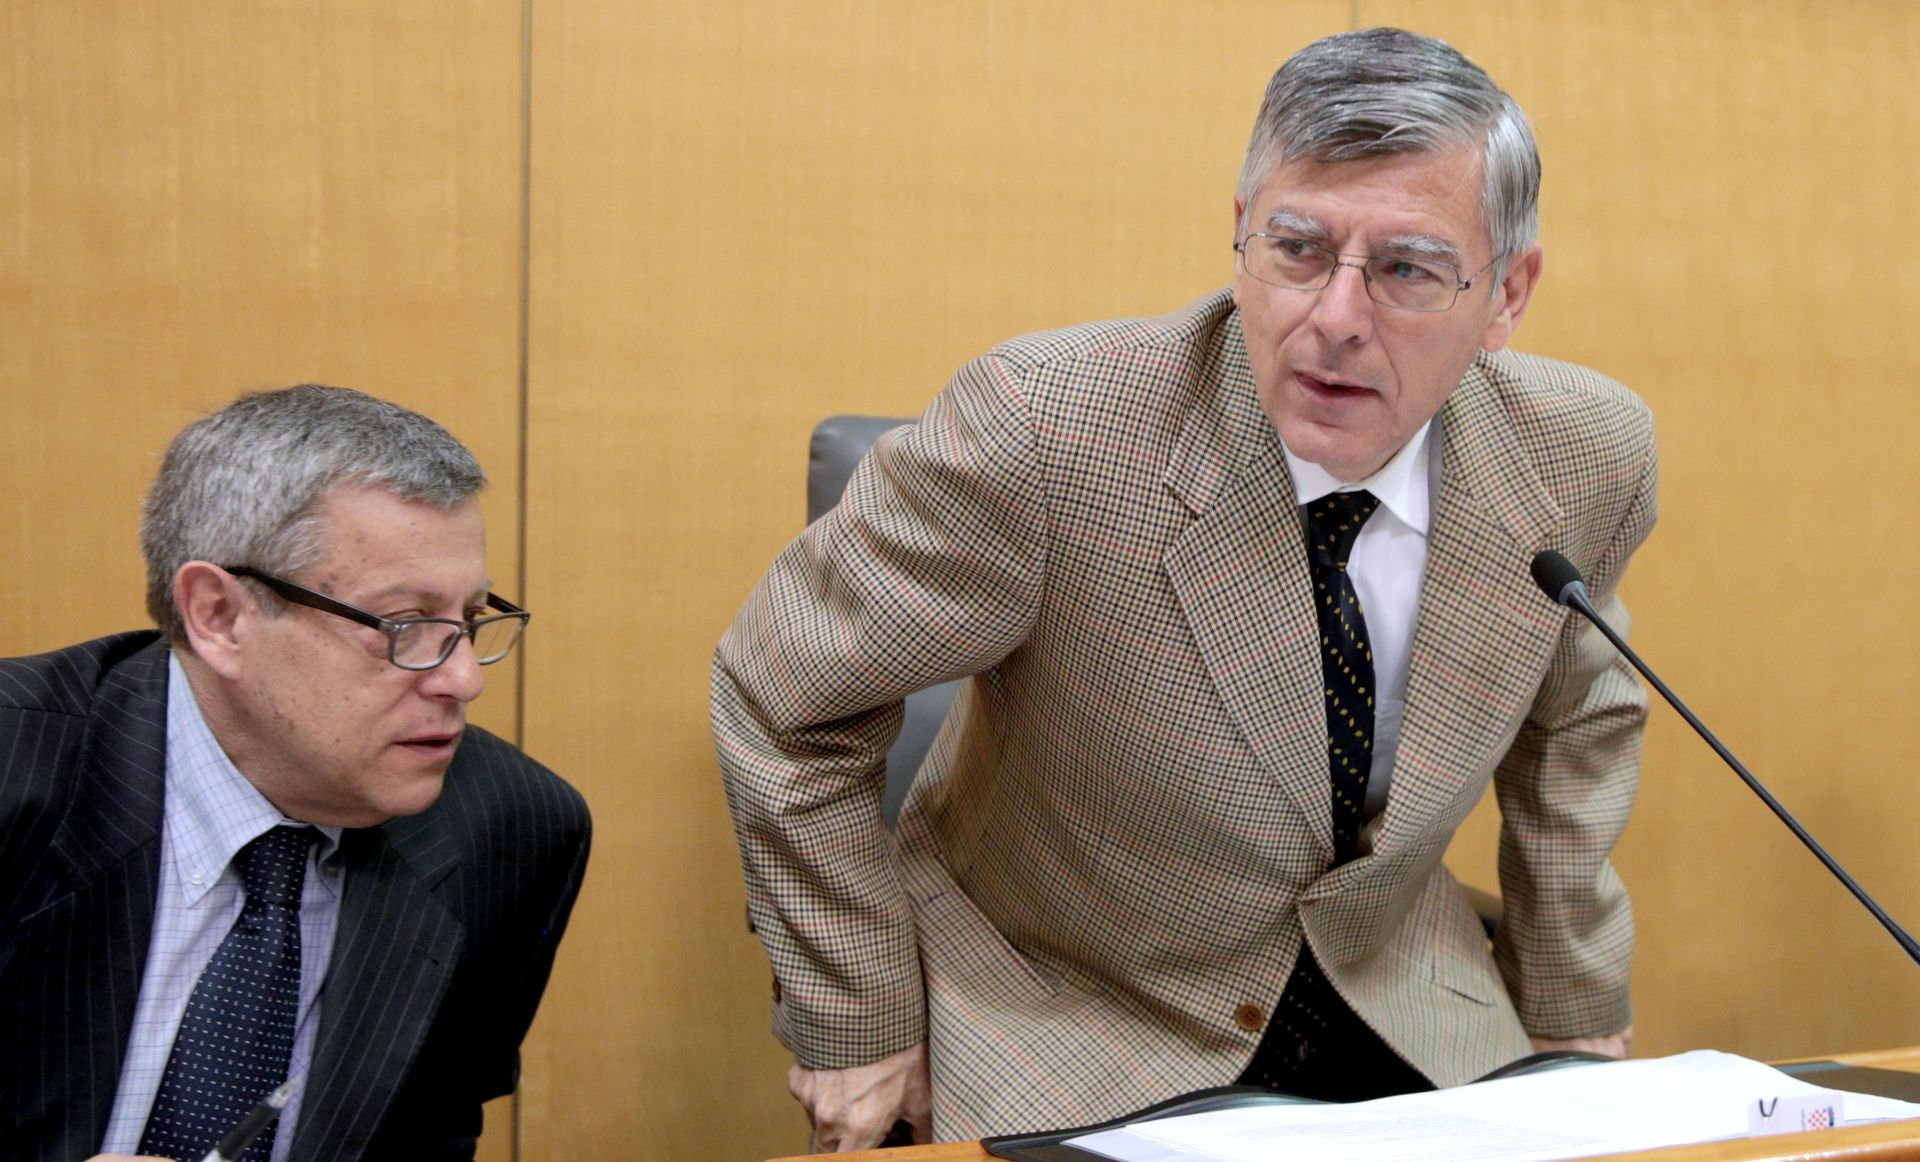 Reiner odbio uvrstiti u dnevni red SDP-ov prijedlog osnivanja istražnog povjerenstva o SOA-i